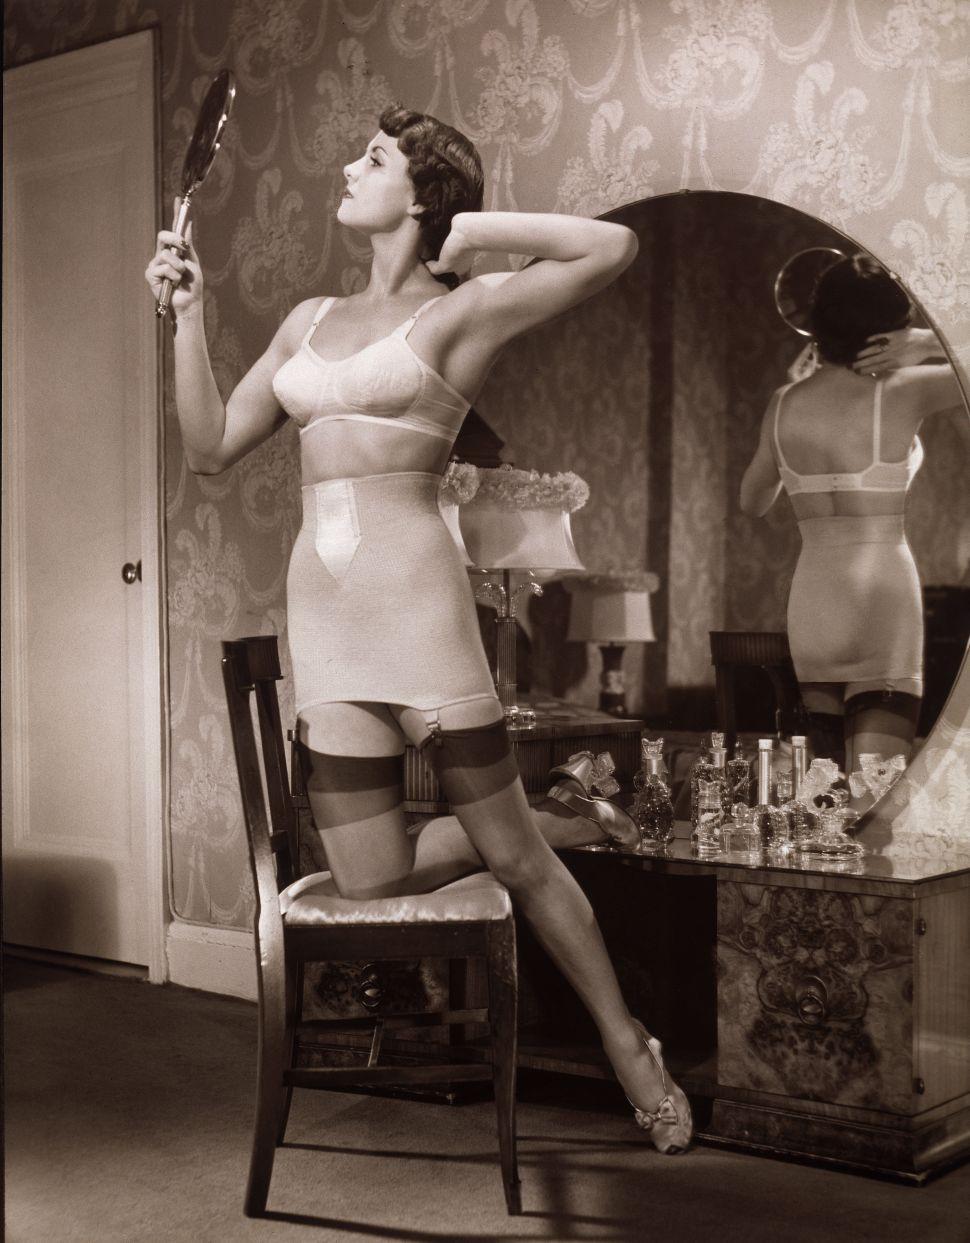 Mirror Meditation Makes Narcissism Mindful